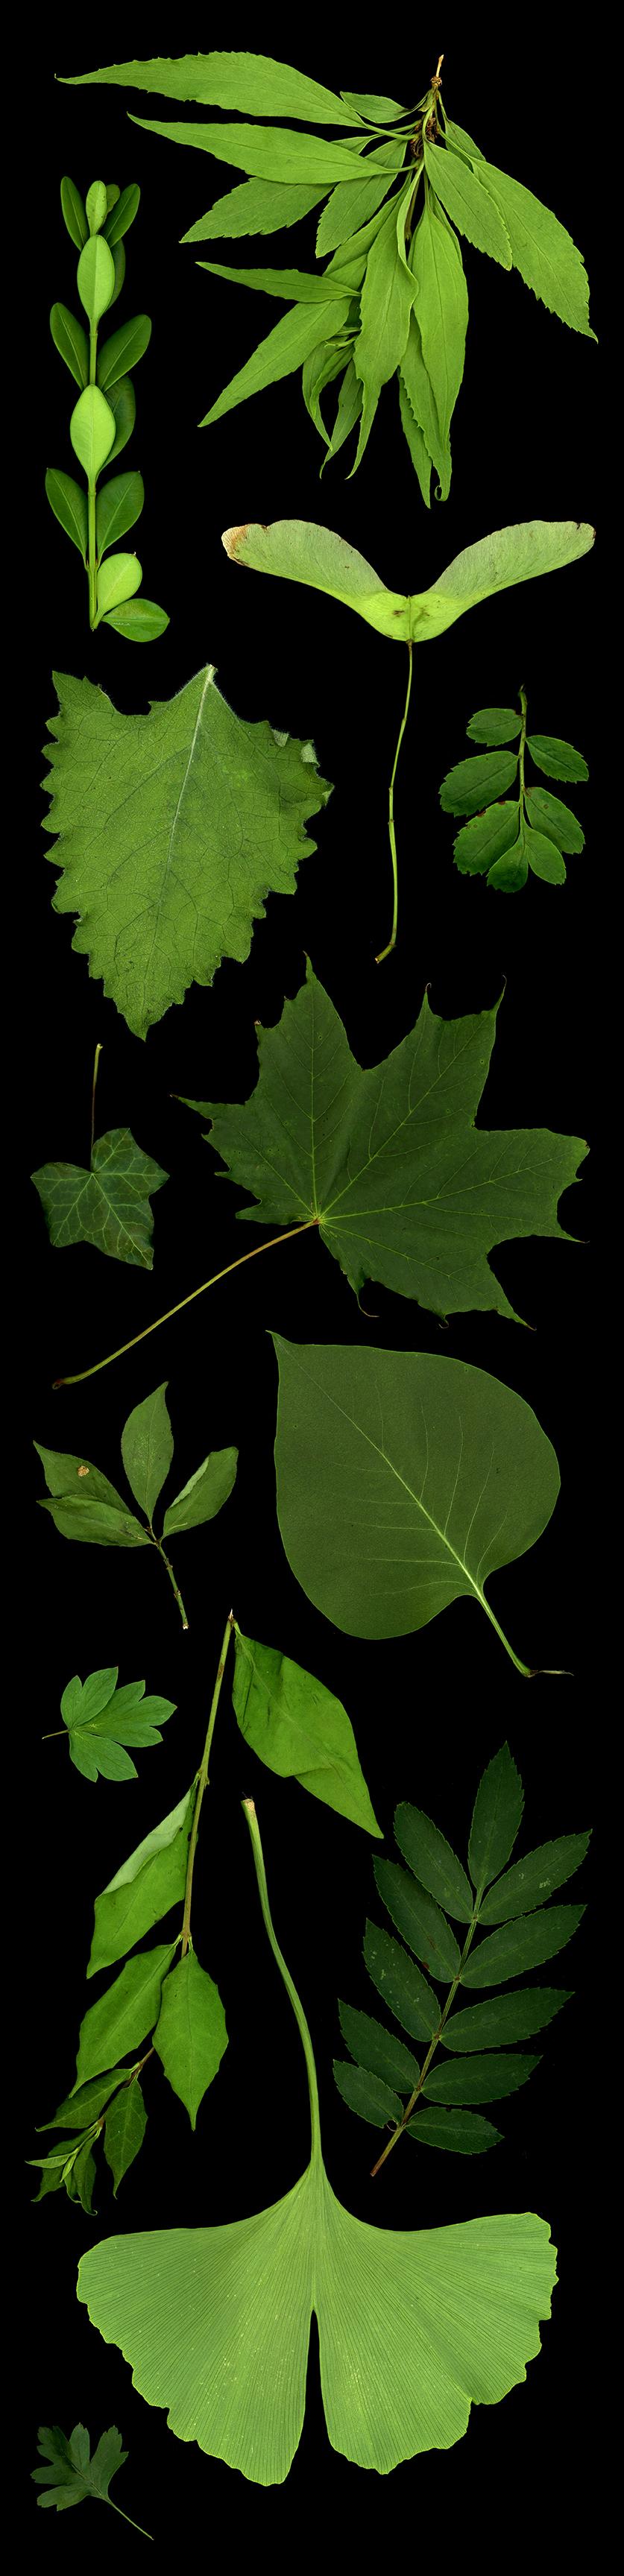 leaf_panel_2.jpg